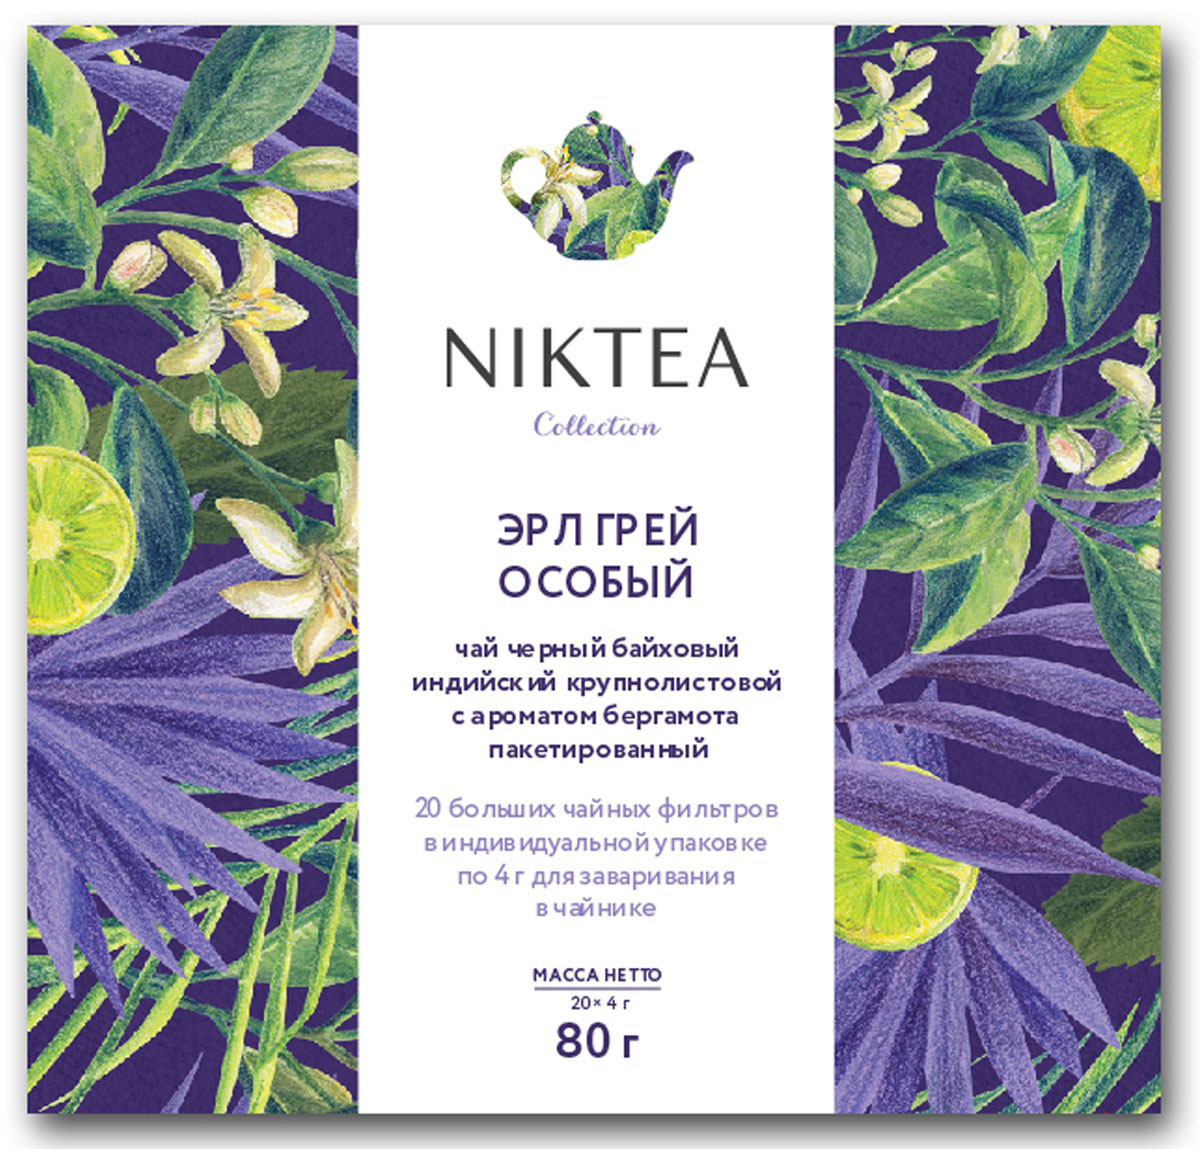 Niktea Earl Grey Special чай ароматизированный для чайника, 20 пакетов по 4 г0120710Niktea Earl Grey Special - классический купаж, сочетающий в себе стойкий, выразительный вкус черного чая с деликатными цитрусовыми оттенками бергамота.Коллекция NikTea разработана командой экспертов, имеющих богатый опыт в чайной индустрии. Во время ее создания выбирались самые надежные поставщики из Европы и стран происхождения чая, а в линейку включили не только топовые аутентичные позиции, но и новые интересные рецептуры в традициях современной чайной миксологии.NikTea - это действительно качественный чай. Для истинных ценителей мы предлагаем безупречное качество: отборное сырье, фасовку на высокотехнологичном производственном комплексе в России, постоянный педантичный контроль готового продукта, а также сертификацию сырья по международным стандартам.NikTea - это разнообразие. В линейках листового и пакетированного чаяпредставлены все основные группы вкусов - от классического черного и зеленого чая до ароматизированных, фруктовых и травяных композиций.NikTea - это стиль. Необычная упаковка с модным авторским дизайном создает яркий и запоминающийся стиль, а интересные коктейльные рецептуры дают возможность экспериментировать со вкусами.NikTea для чайников - коллекция листового чая, упакованного в специальные фильтр-пакеты, рассчитанные под чайник.В коллекции представлены 6 основных must have вкусов - каждый сможет выбрать себе чай по душе. Удобство заваривания чая из этой коллекции нельзя недооценить:просто достаньте фильтр-пакет из индивидуального полупрозрачного конверта-саше и опустите его в заварочный чайник, далее следуйтеинструкции по завариванию конкретного купажа. Большой фильтр из специального волокна не разрушается в кипятке, обладает отличной пропускной способностью.